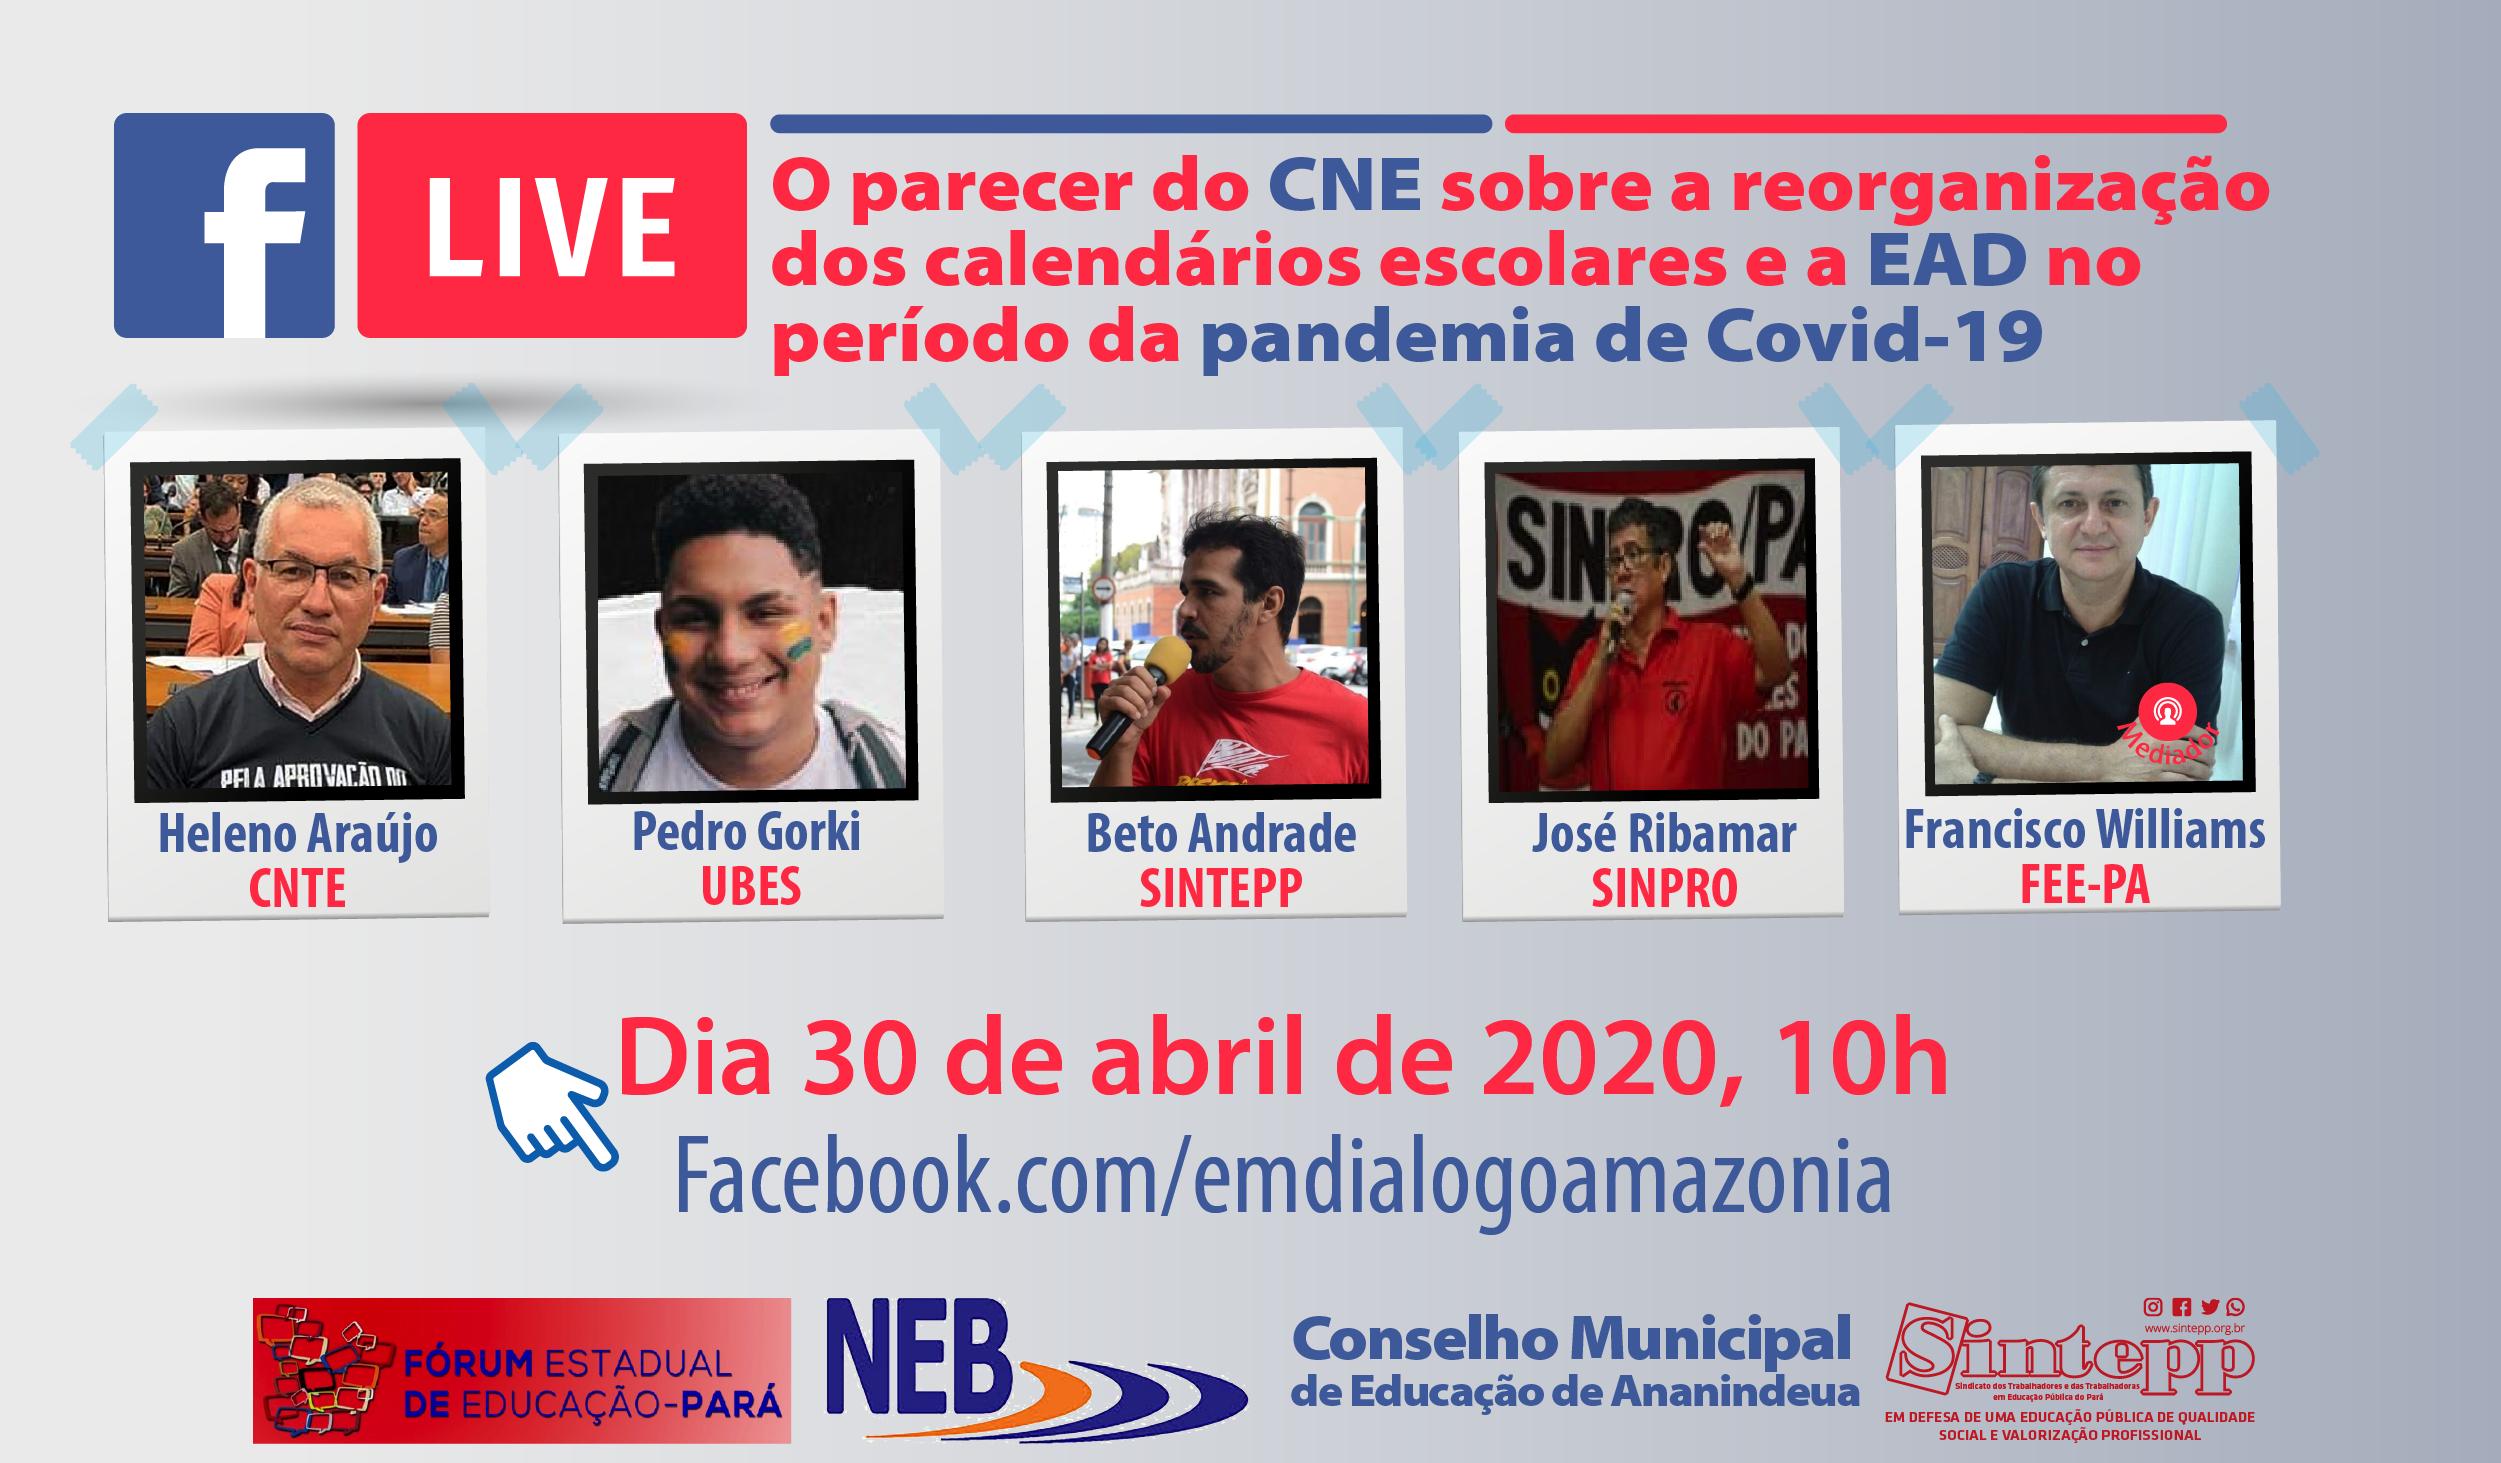 Parecer do CNE sobre os calendários escolares e EAD em período de pandemia